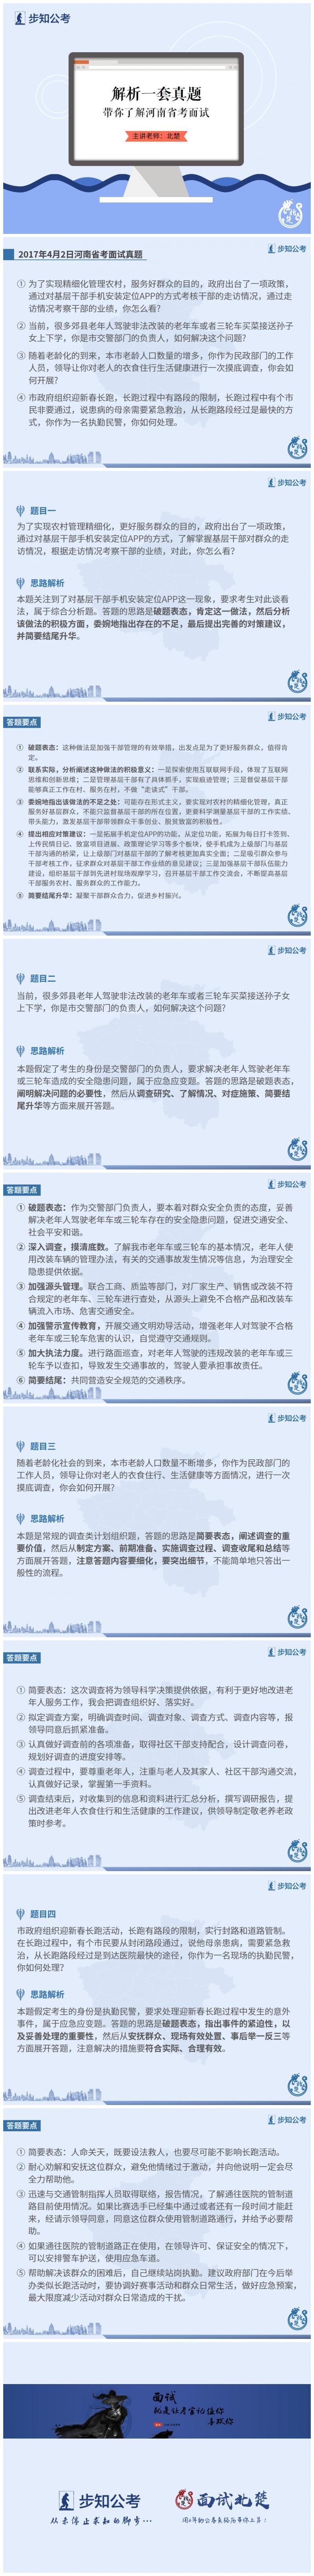 河南省考真题解析.jpg